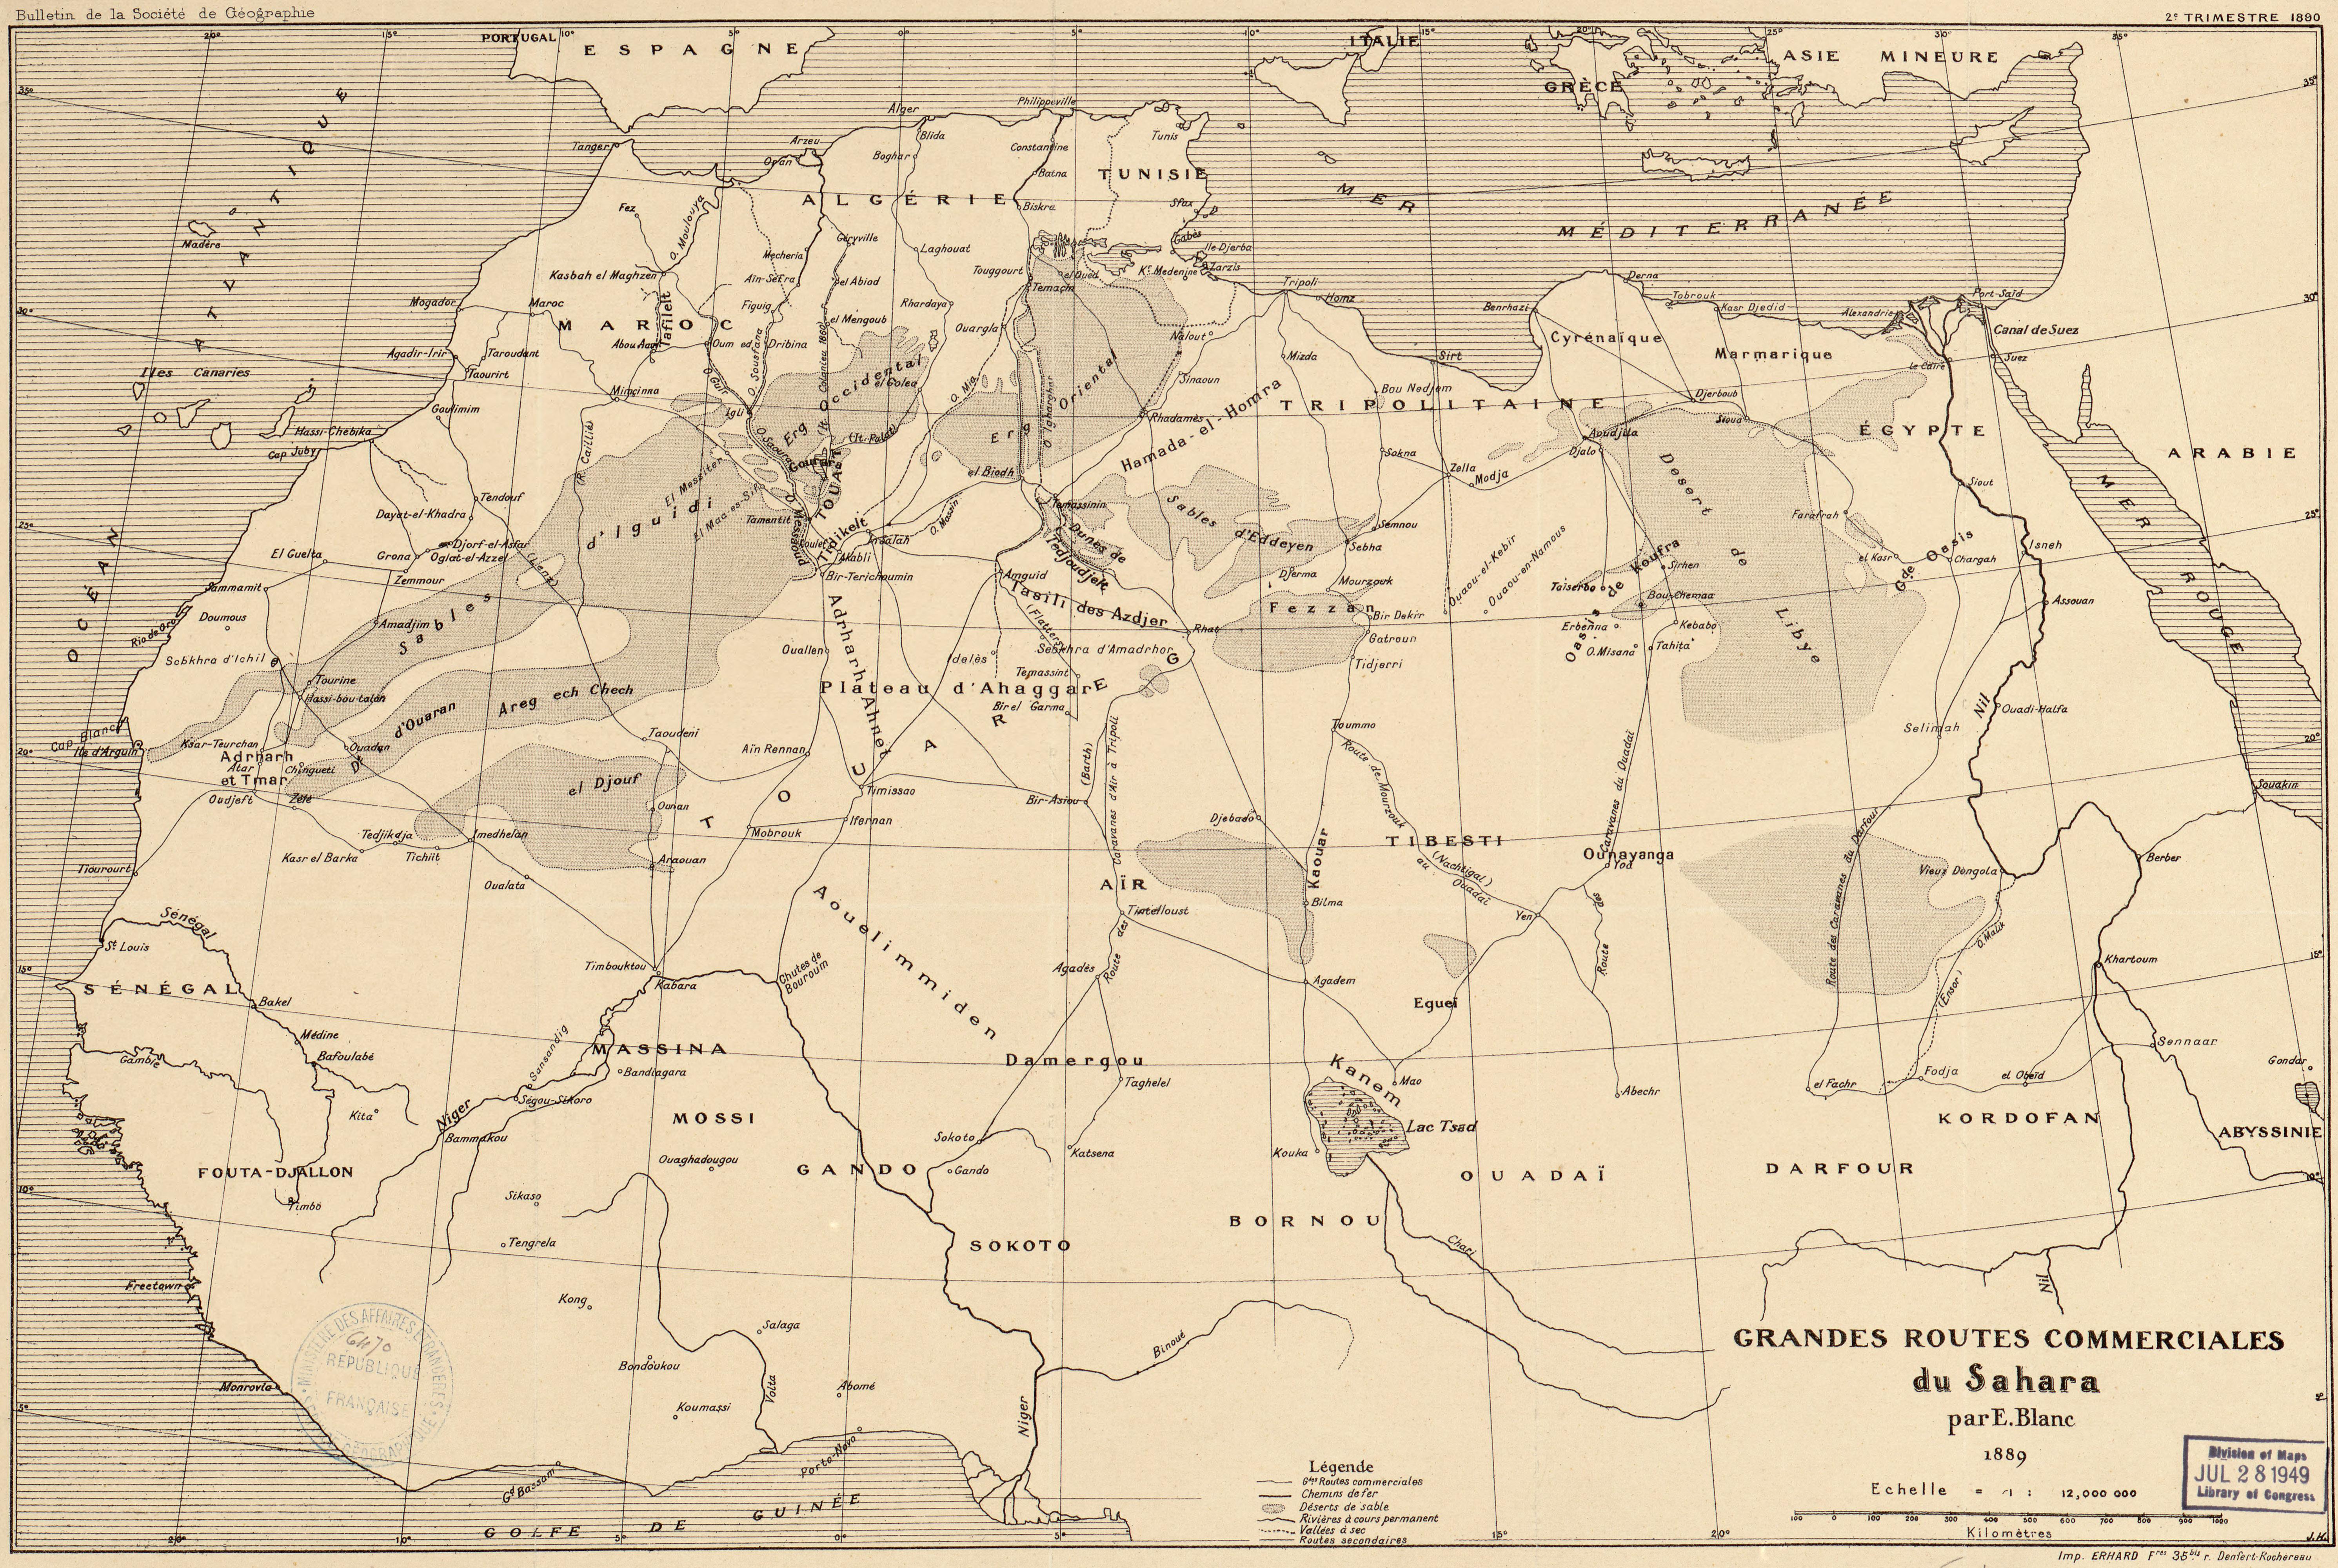 Bulletin de la Société de Géographie - Grandes routes commerciales du Sahara - par E. Blanc - 1889 - Echelle = 1 : 12,000 000 - Imp. Erhard Fres. 35bis r. Denfert-Rochéreau